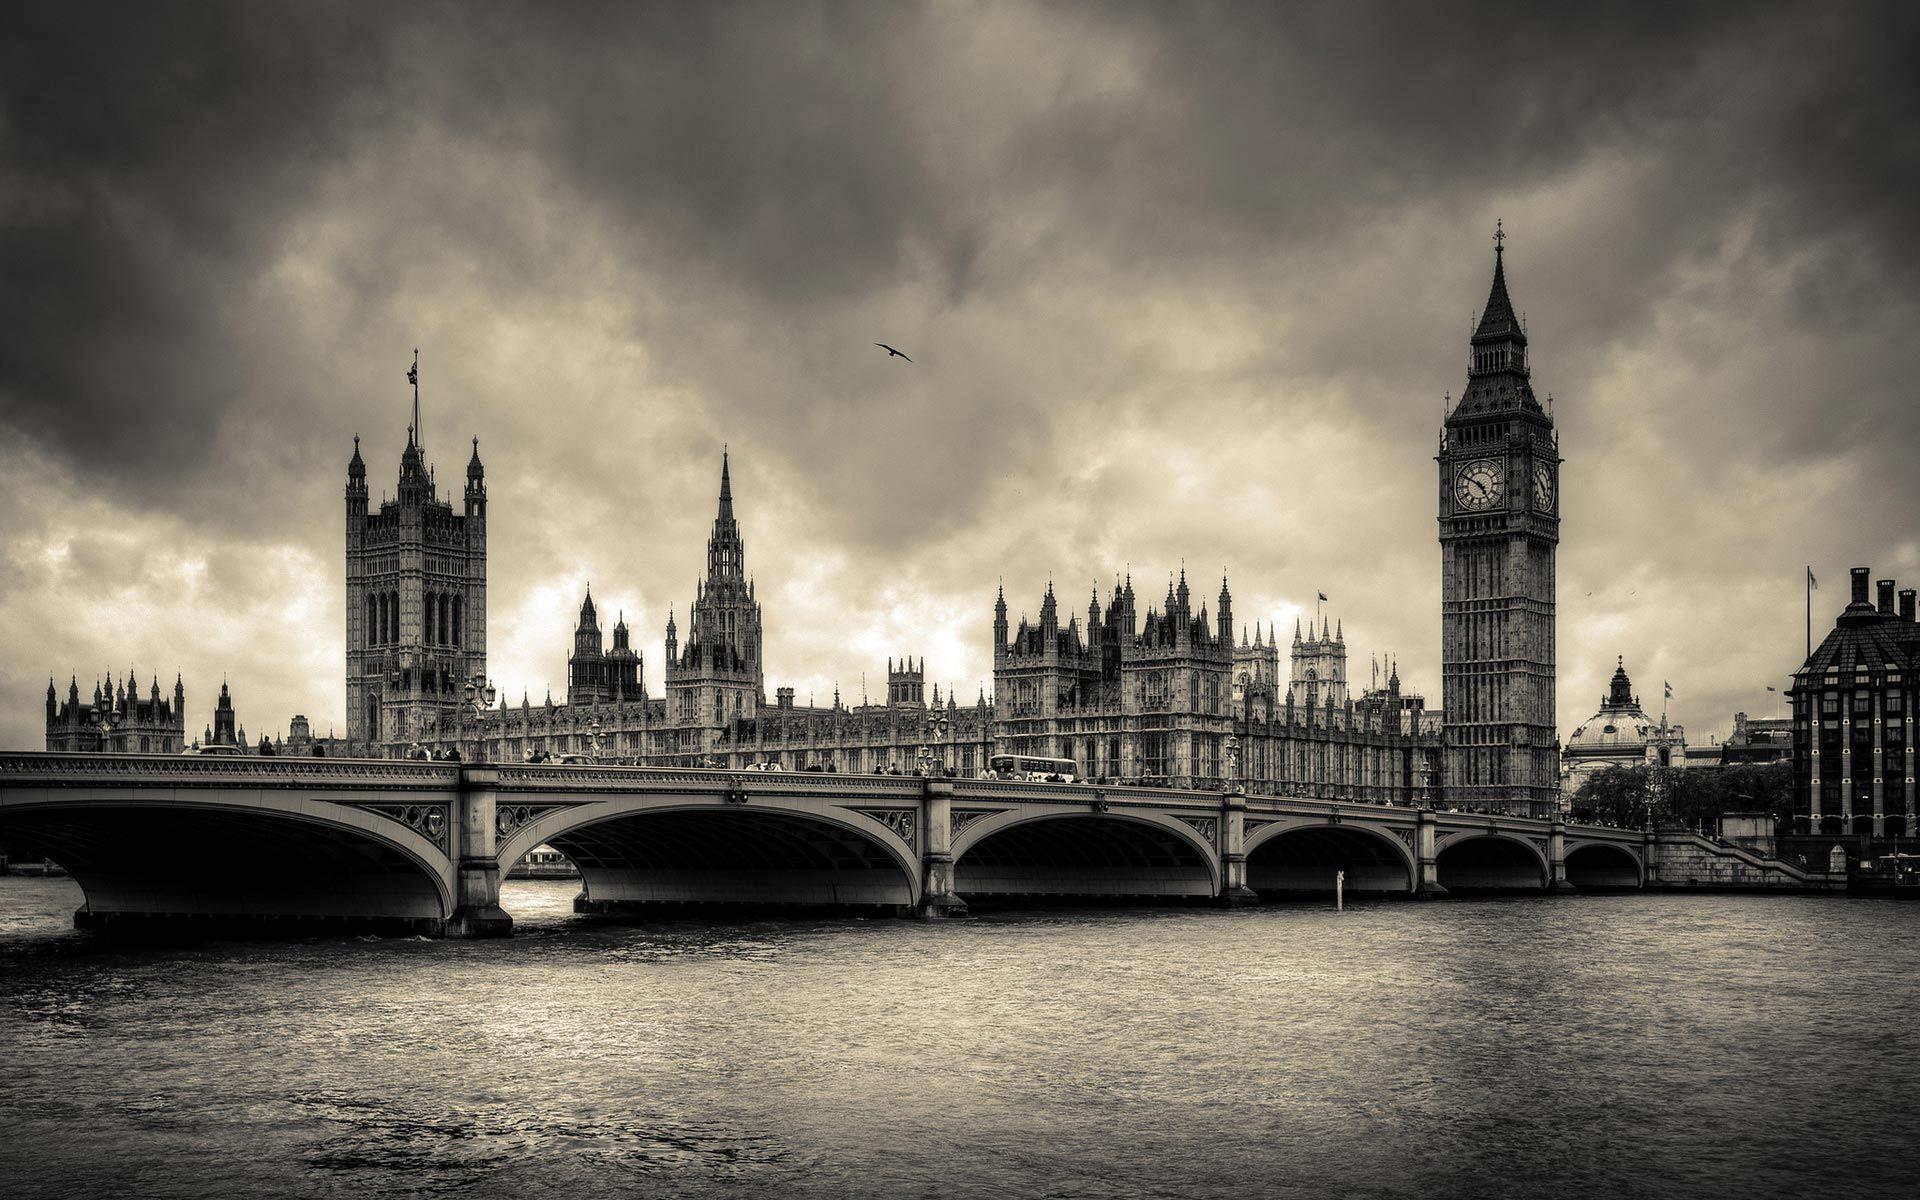 London HD Images 10 | London HD Images | Pinterest